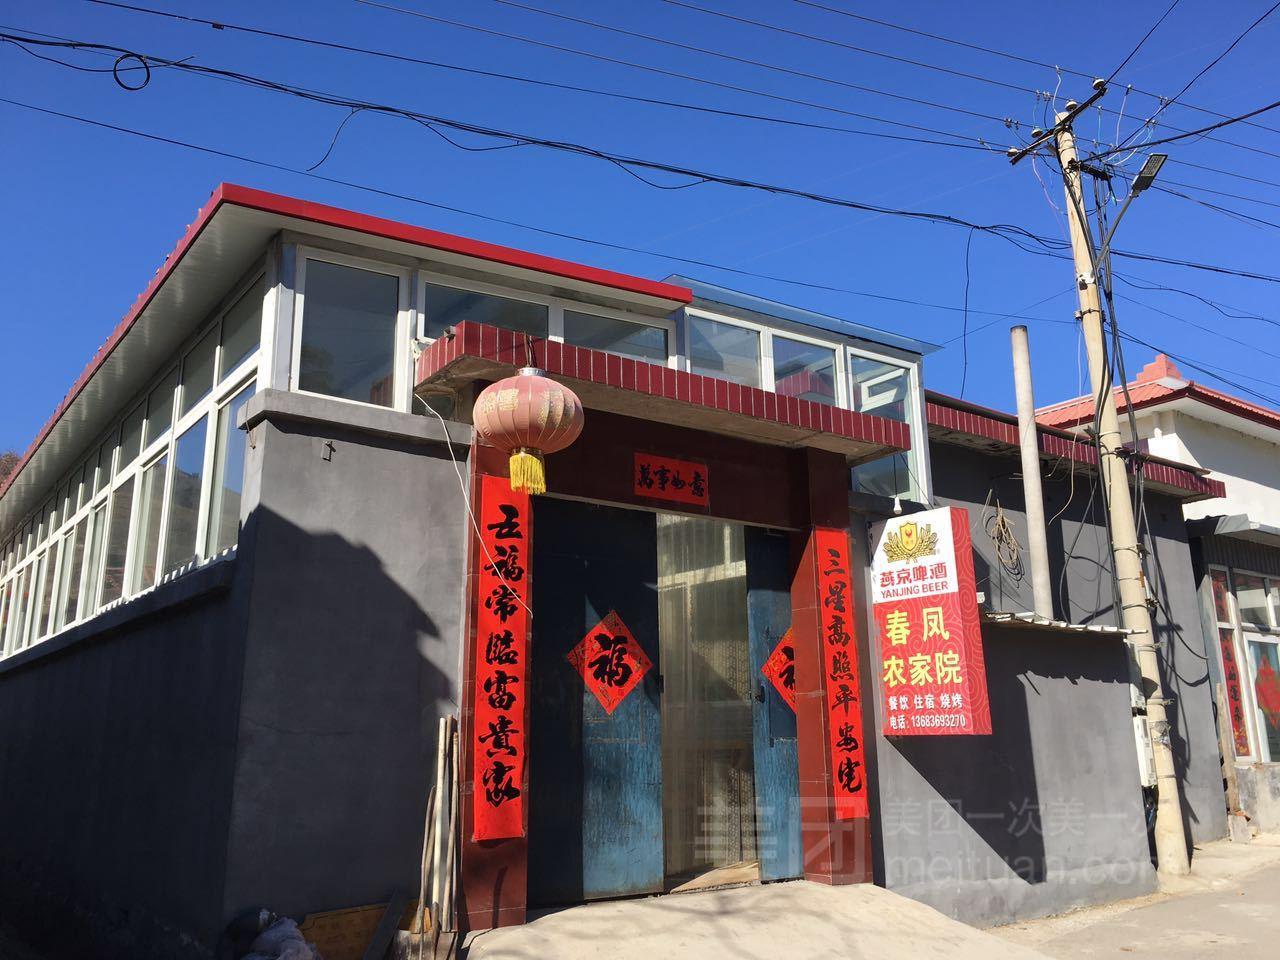 慕田峪长城春凤农家院预订/团购